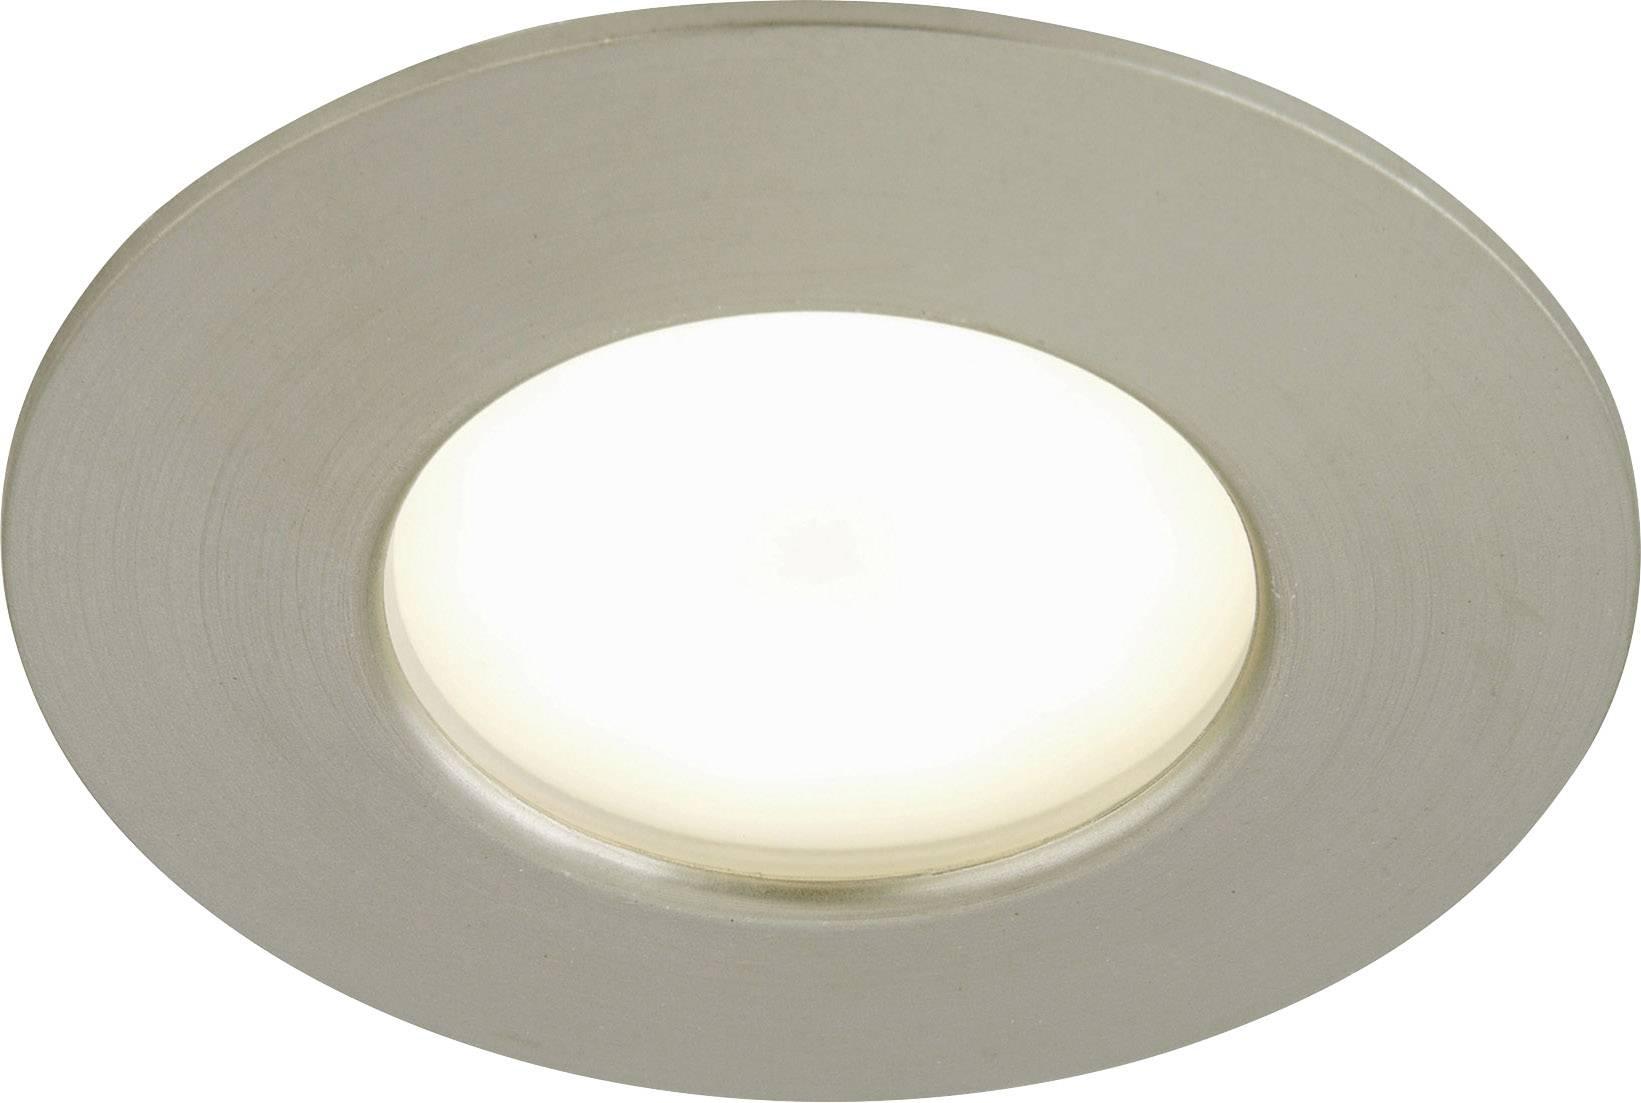 Lampade da incasso per esterno a led w bianco caldo briloner